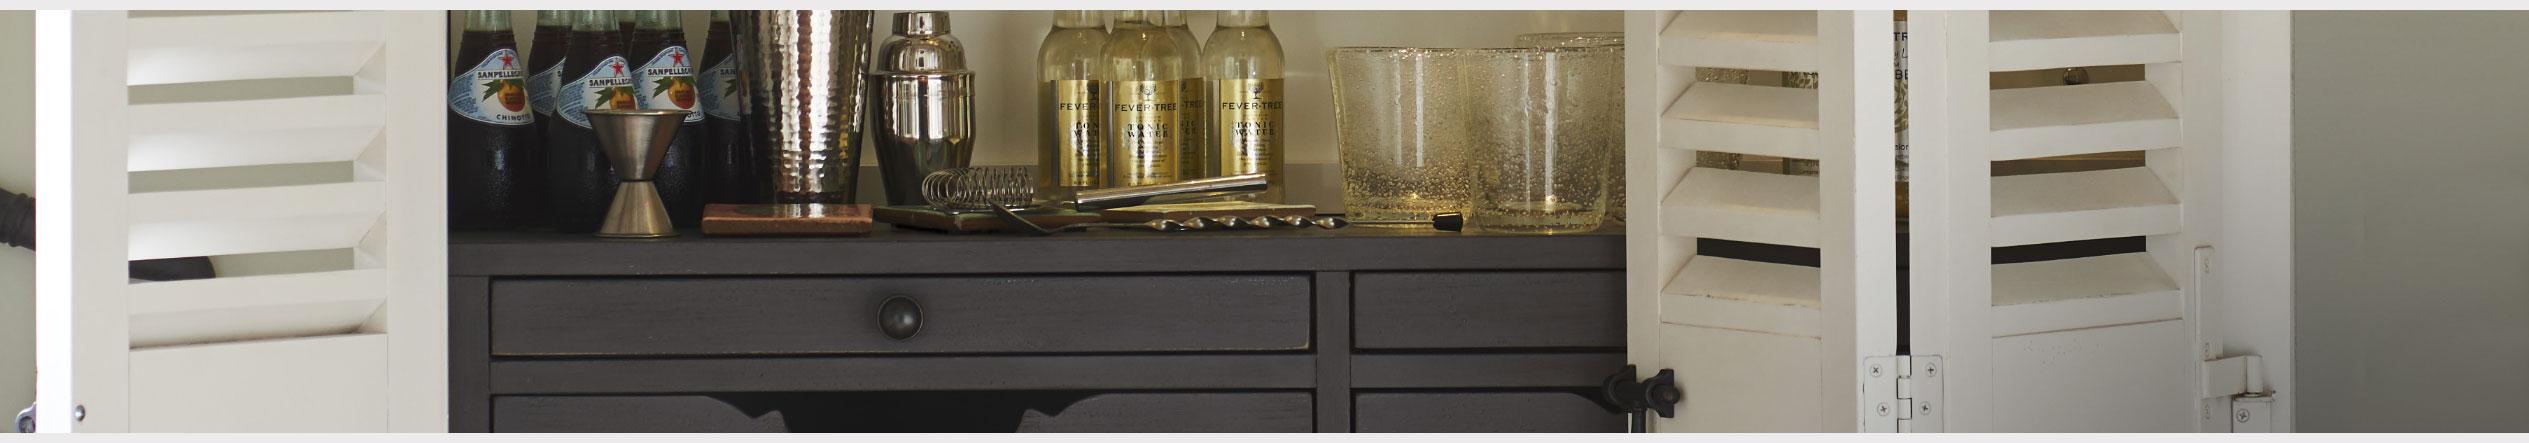 Bar & Wine Storage at Jordan's Furniture stores in CT, MA, ME, NH, ME,  and RI